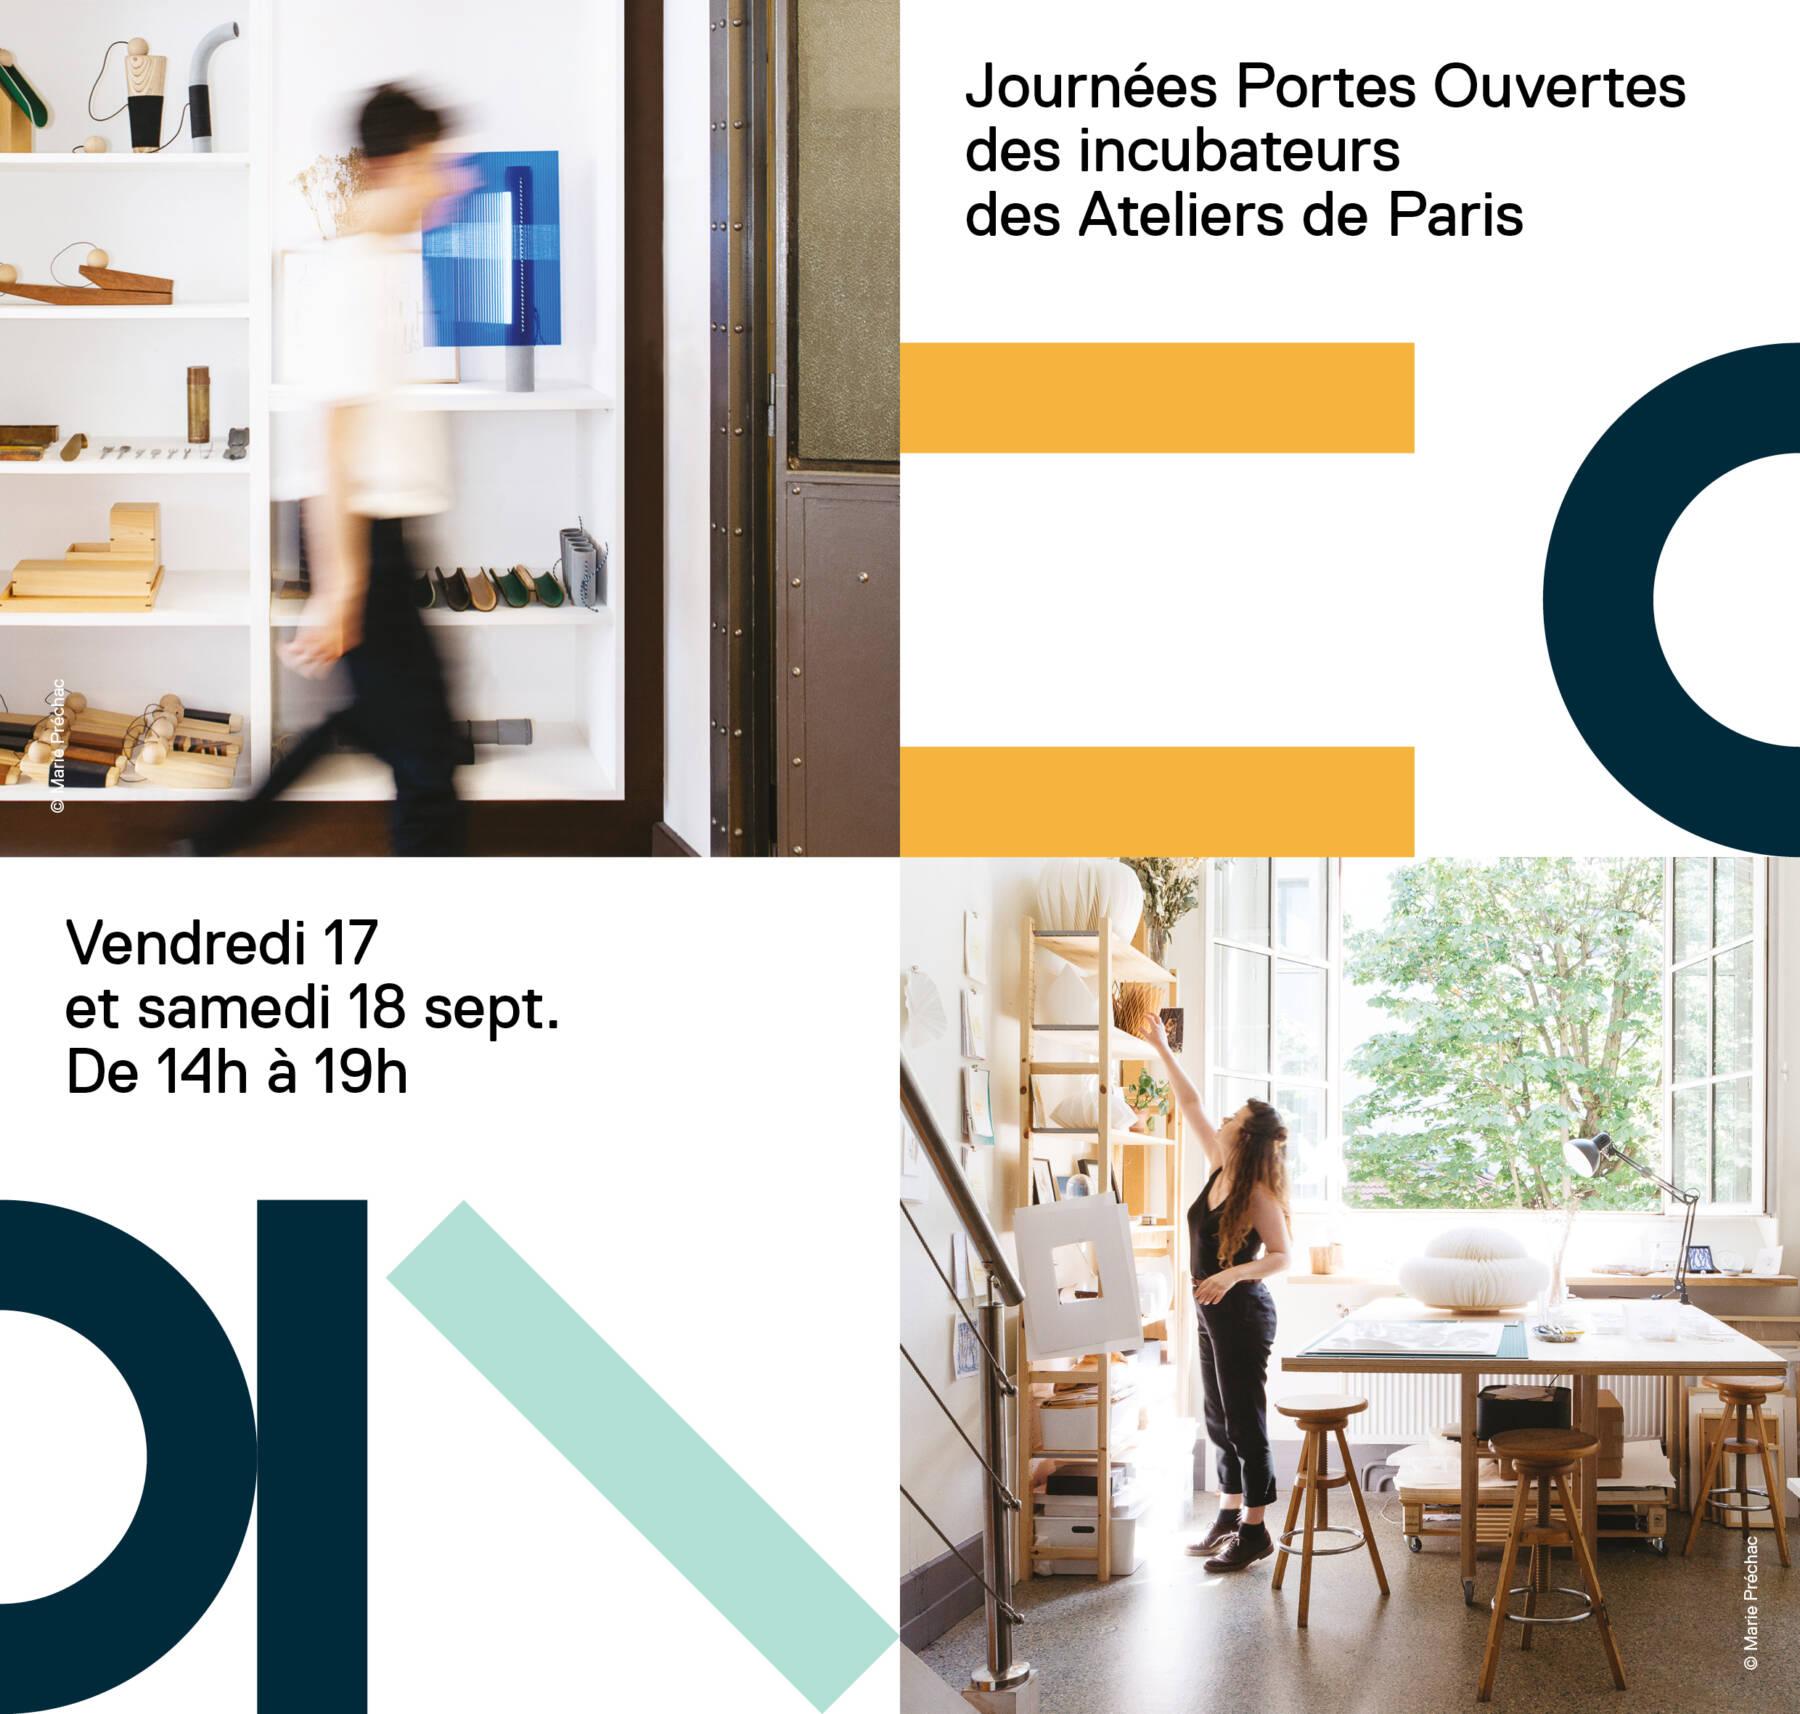 Journées portes ouvertes des incubateurs des Ateliers de Paris